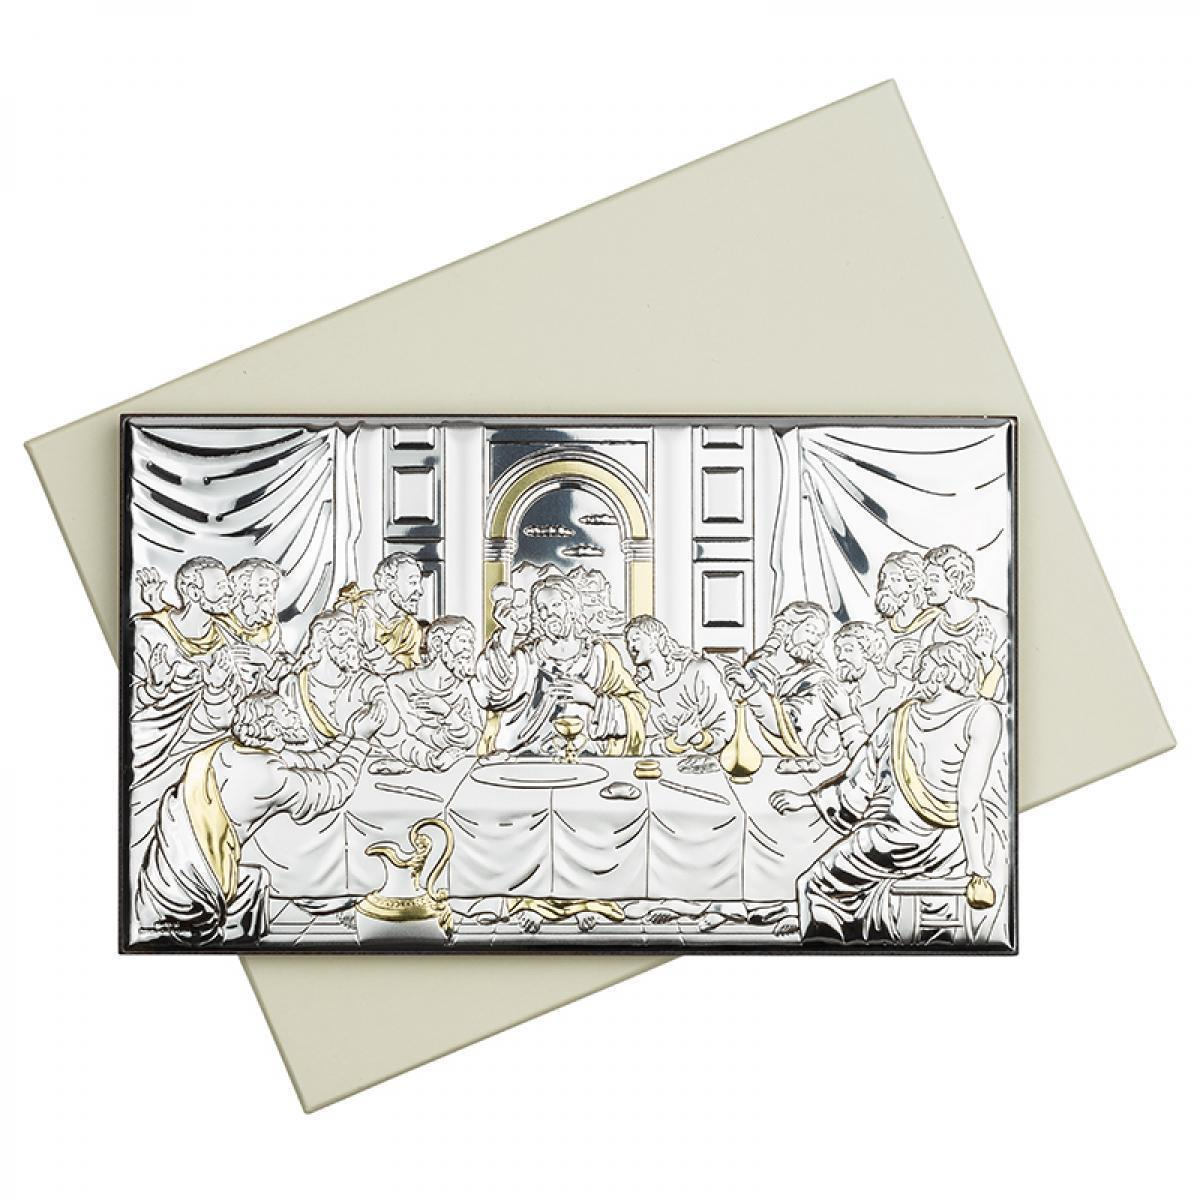 Ікона срібна ``Тайна вечеря`` 20х12см  81323.4XL.ORO